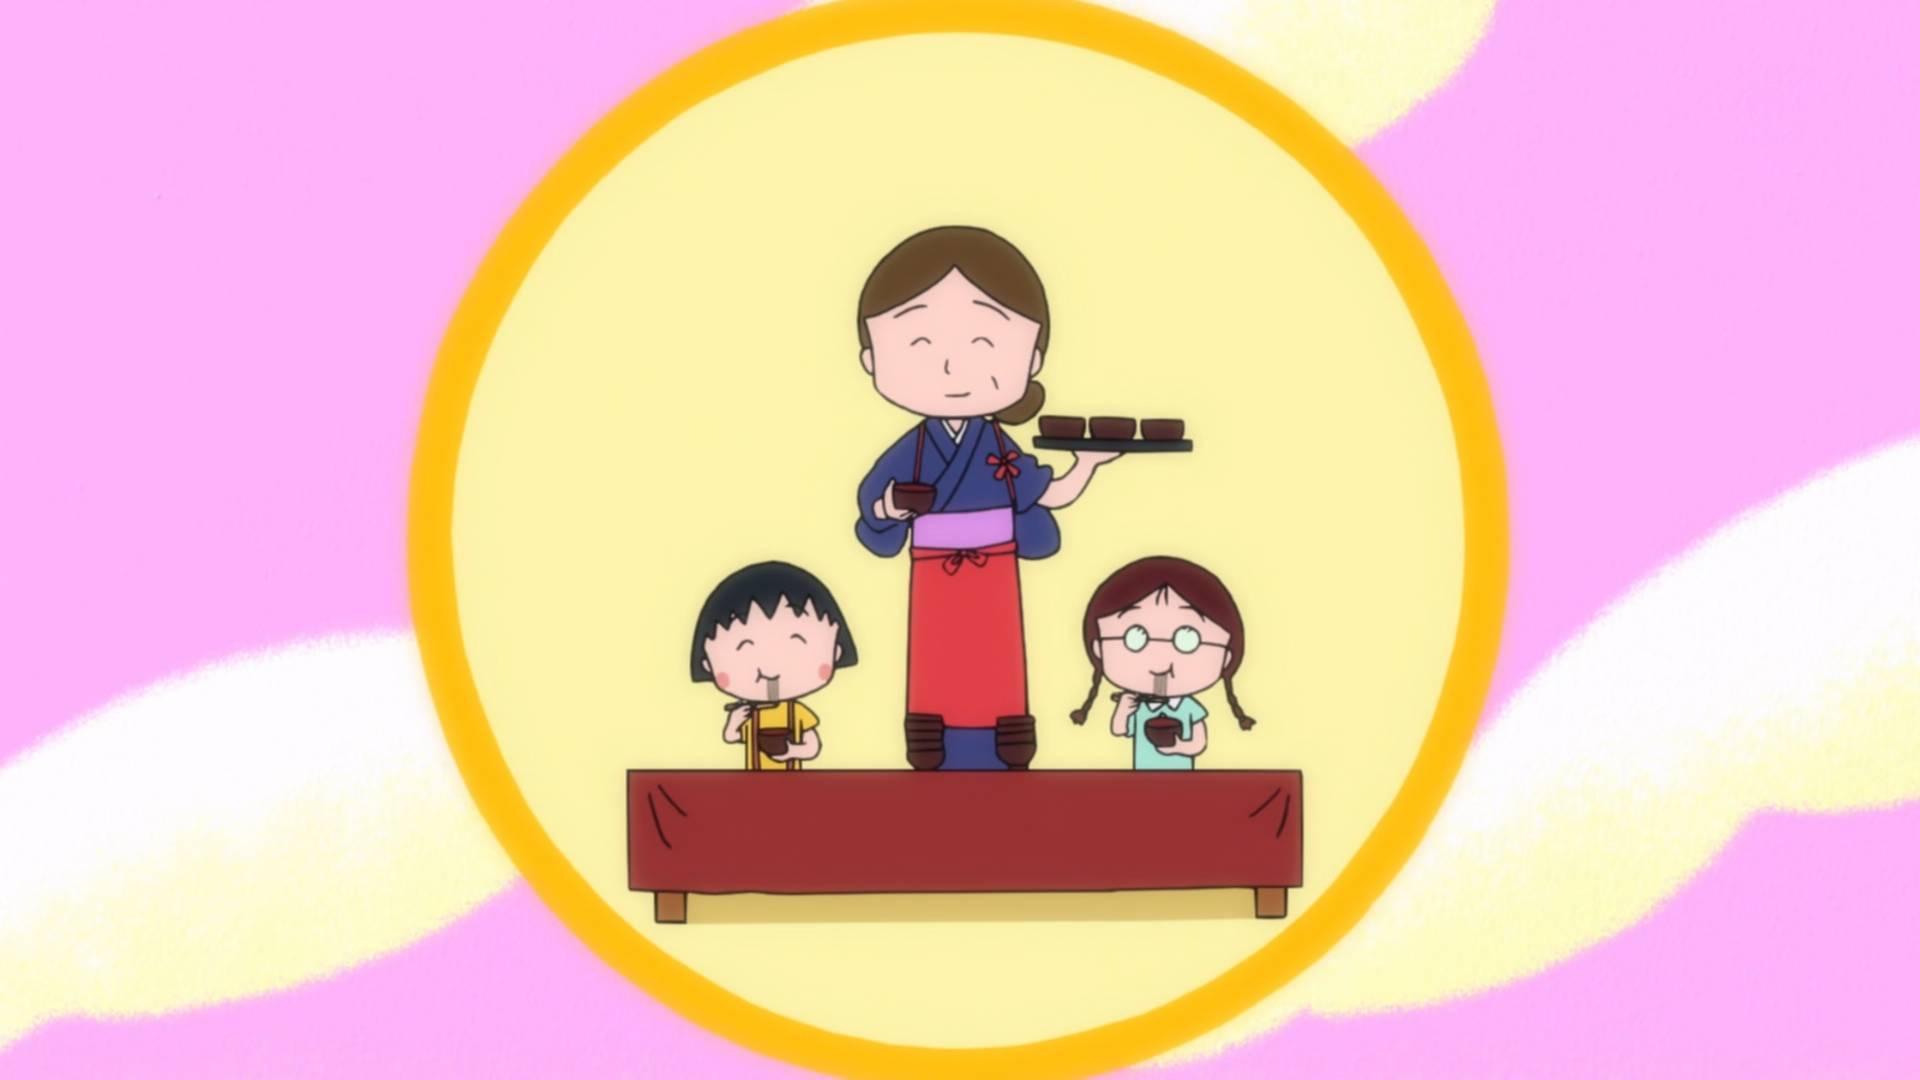 [丸子家族][樱桃小丸子第二期(Chibi Maruko-chan II)][1304]宏志忘带东西&令人向往的碗子拉面[2021.09.05][GB][1080P][MP4]